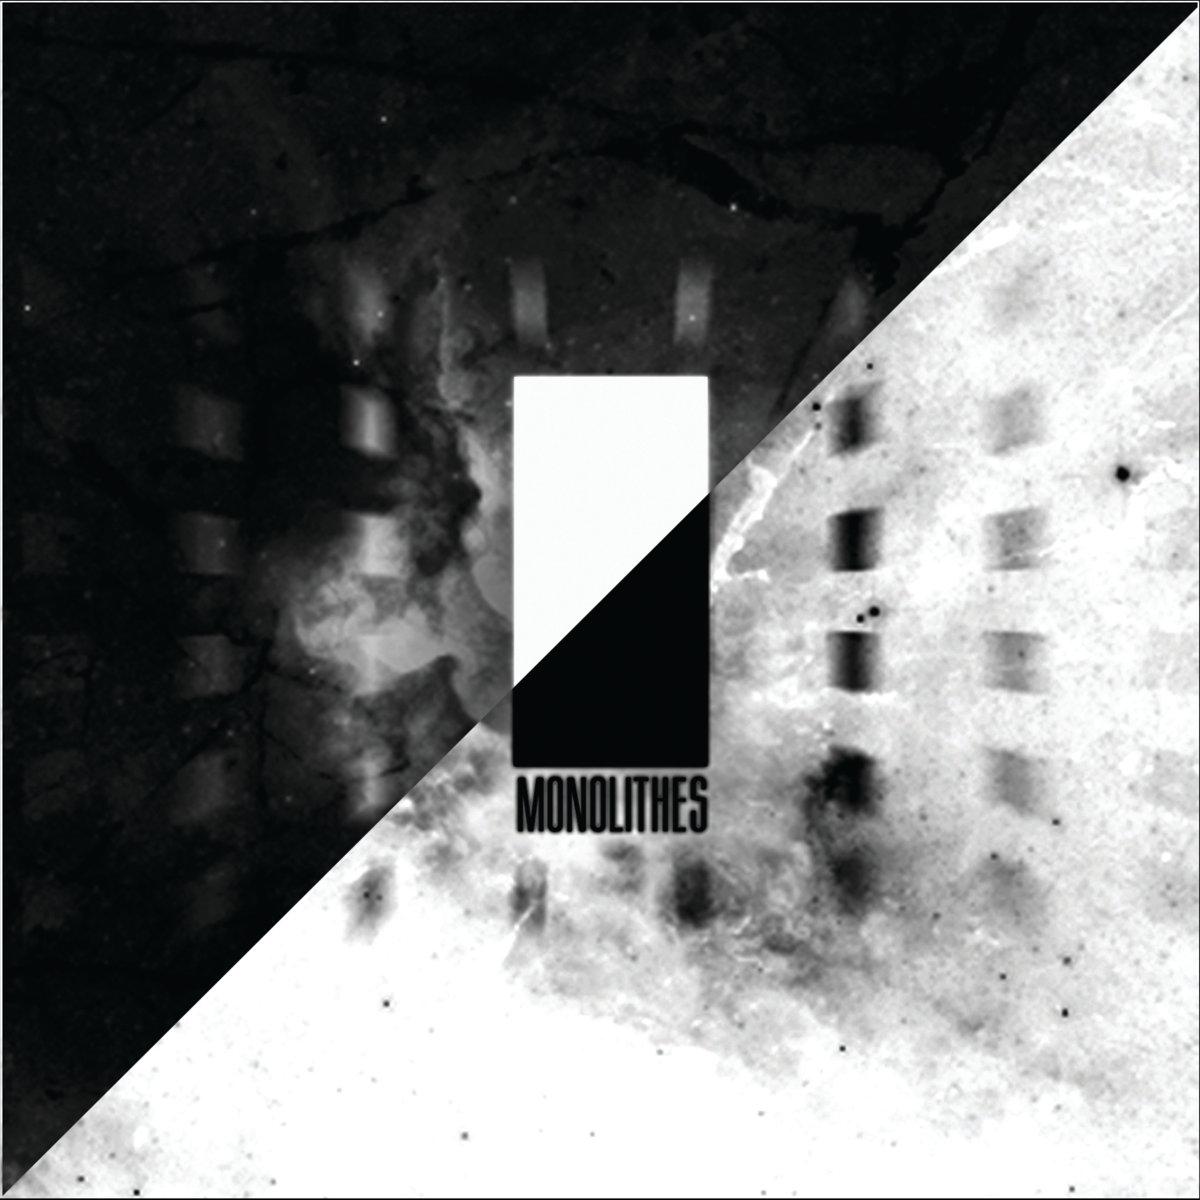 Monolithes — Monolithes